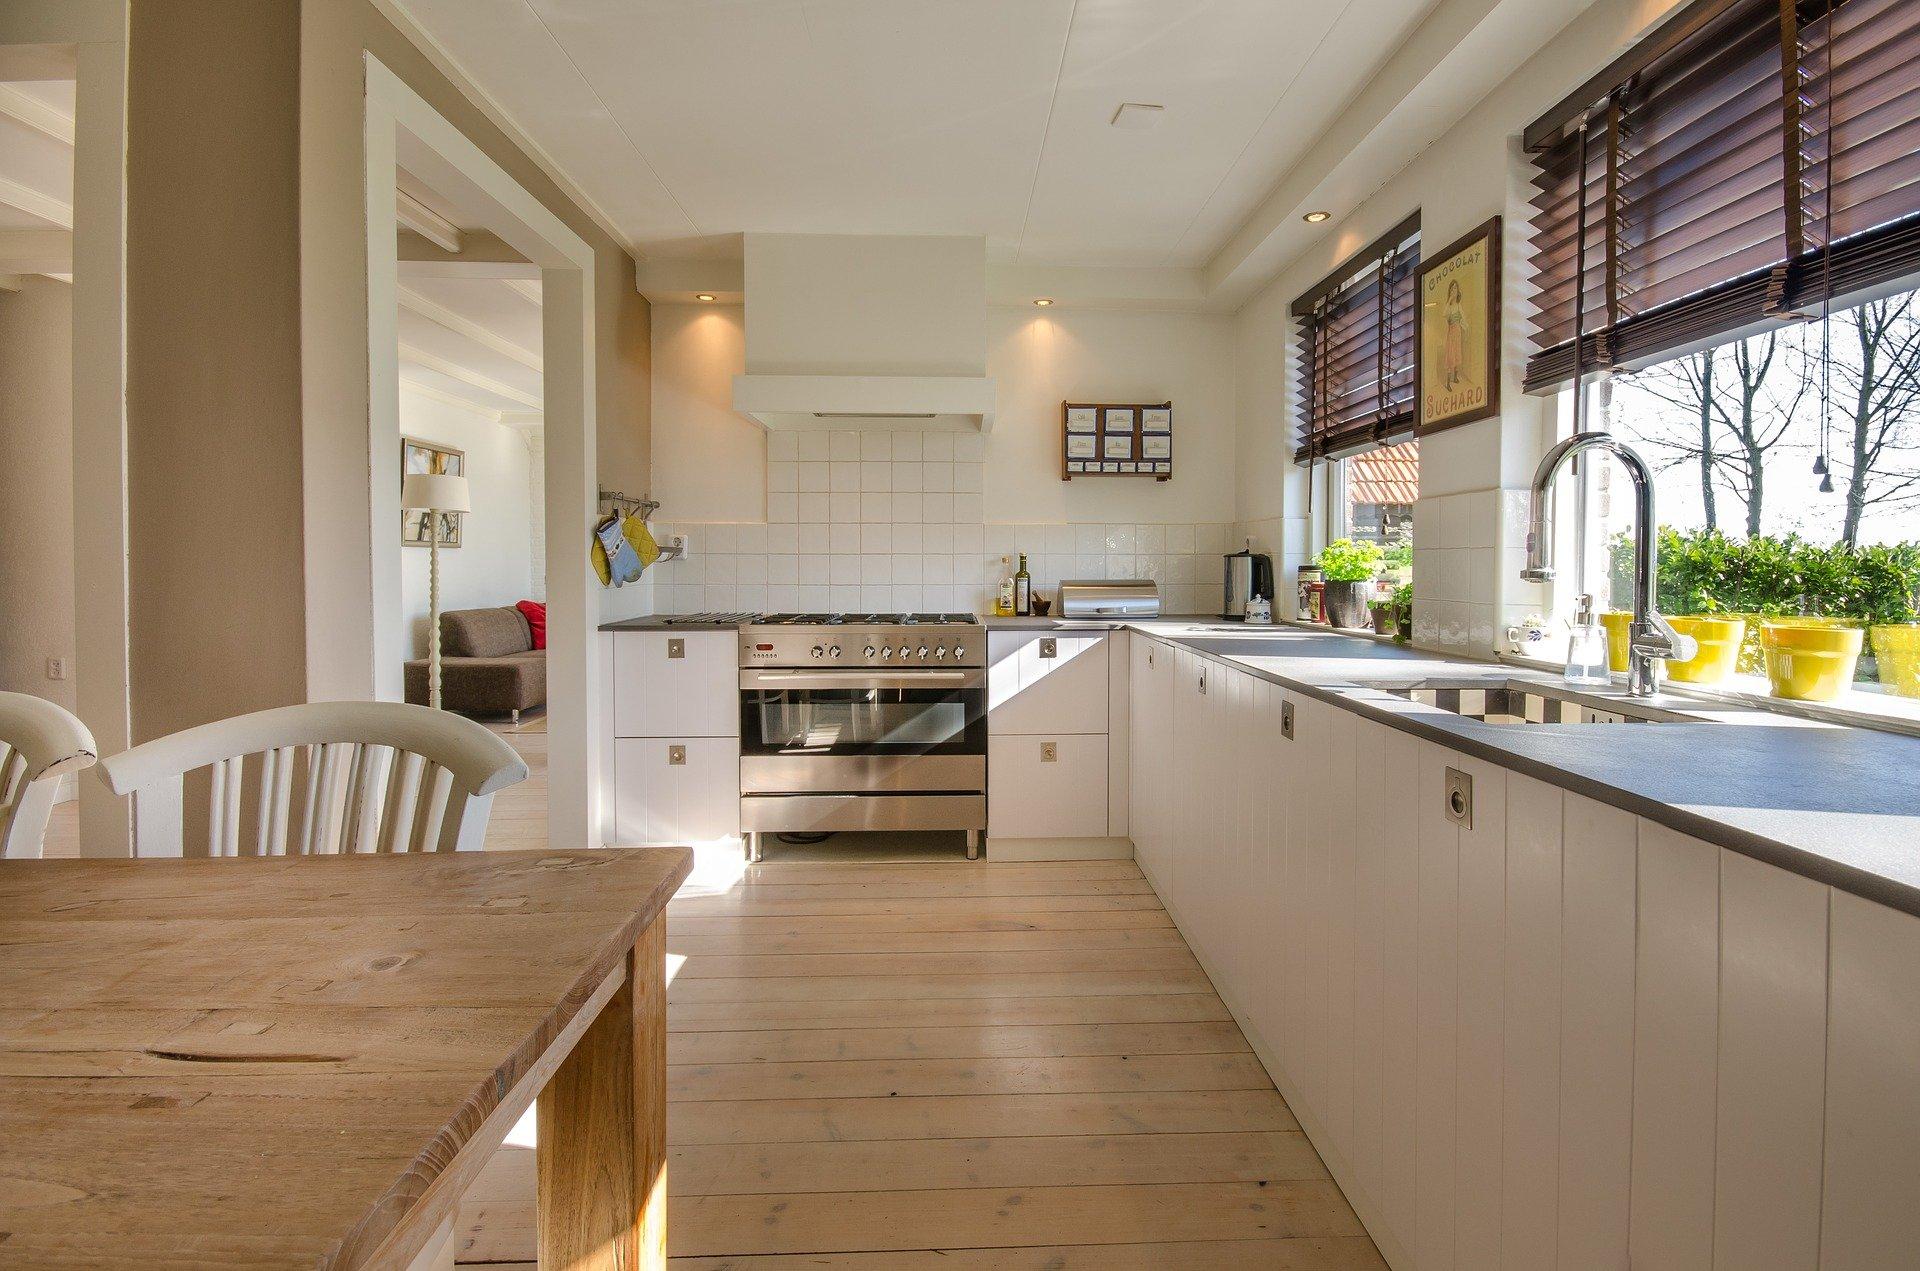 Aménagement de cuisine : les erreurs à éviter